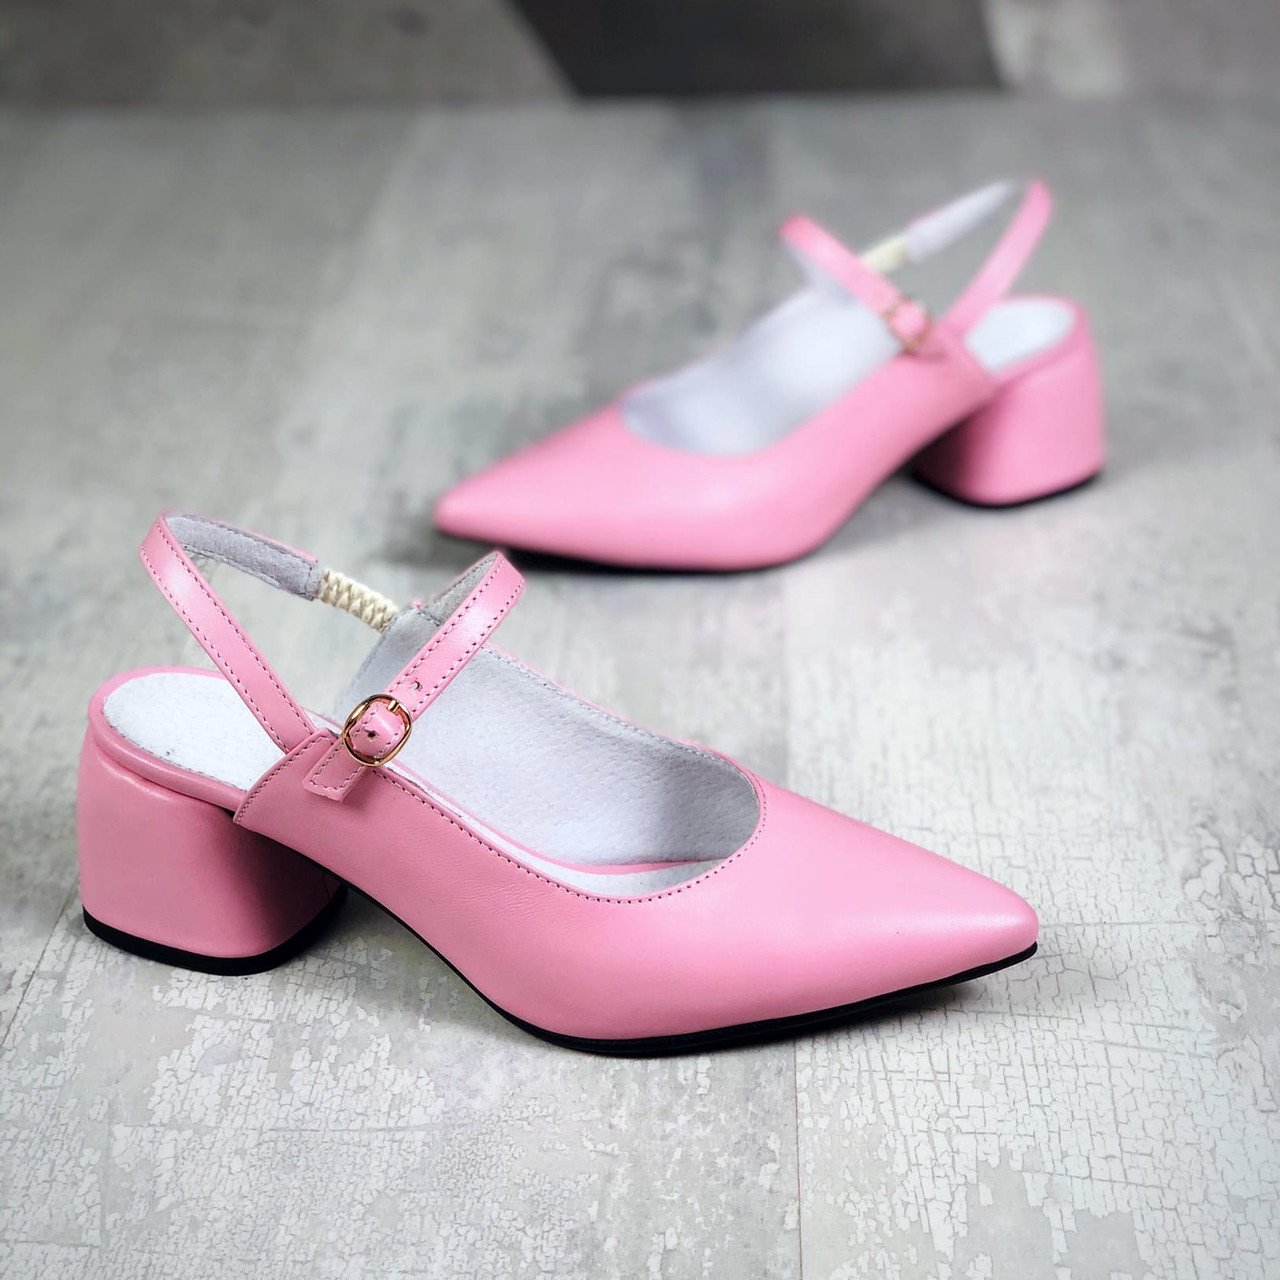 Кожаные туфли с открытой пяткой 36-40 р нежно розовый